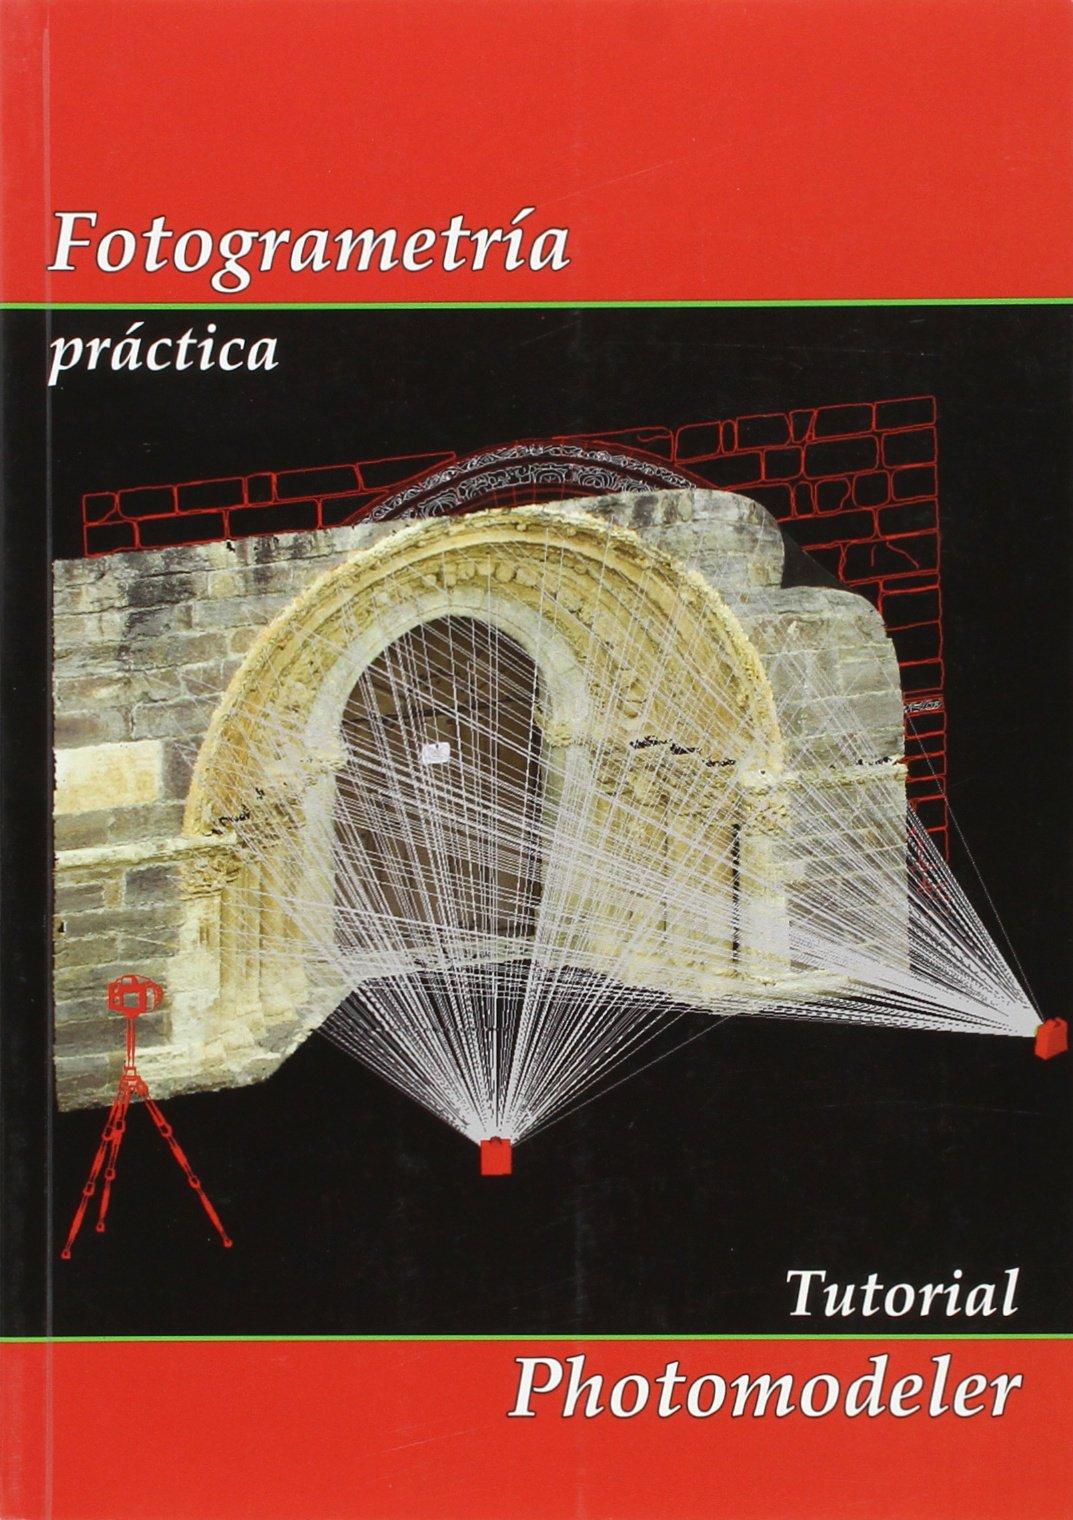 FOTOGRAMETRIA PRACTICA: Amazon.es: CUELI, JORGE TOMAS: Libros